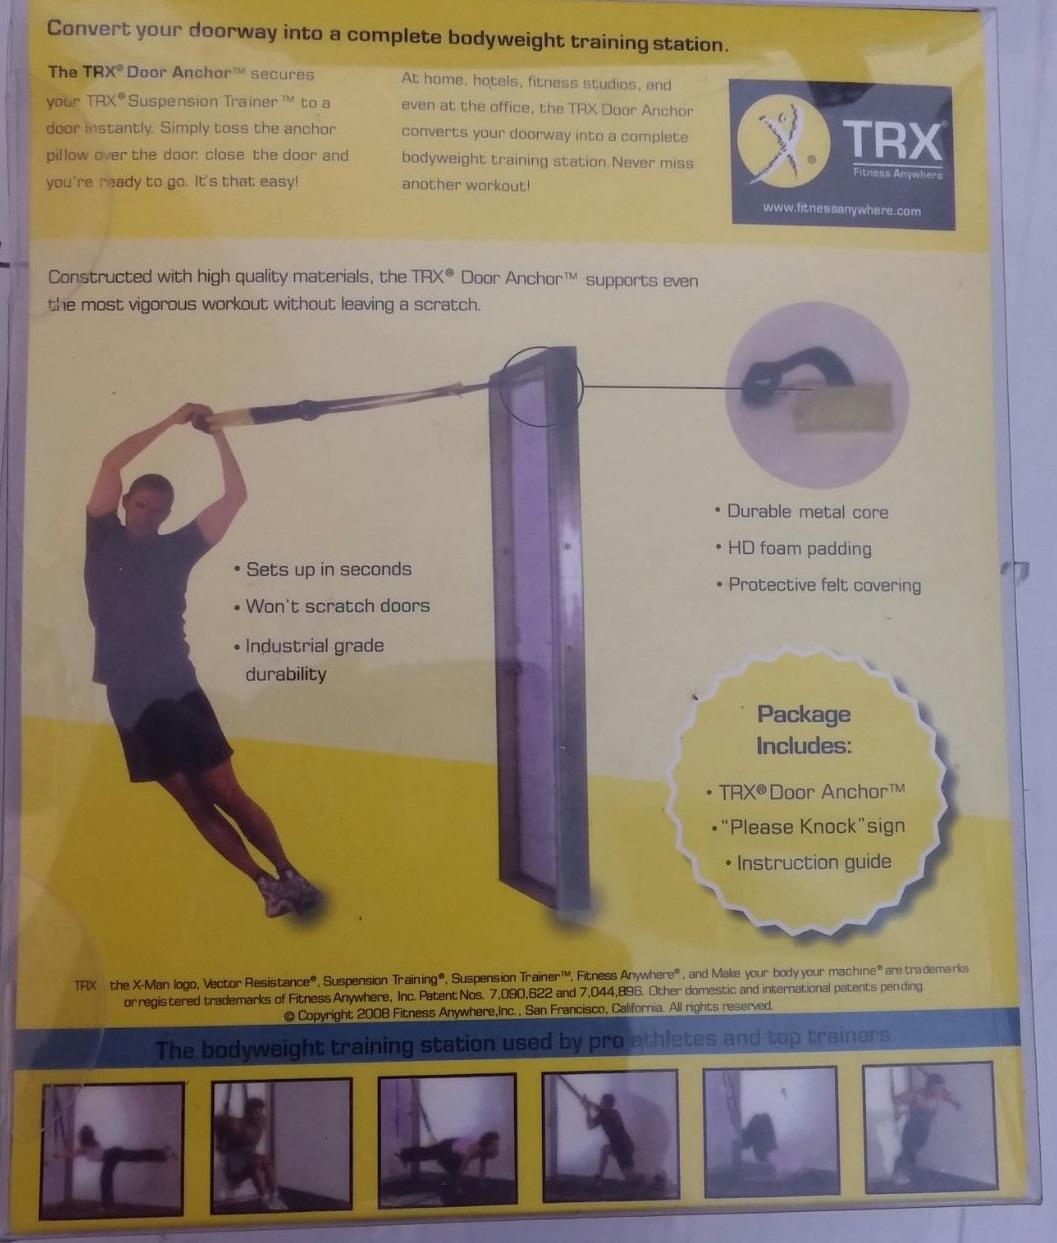 TRX-11.jpg